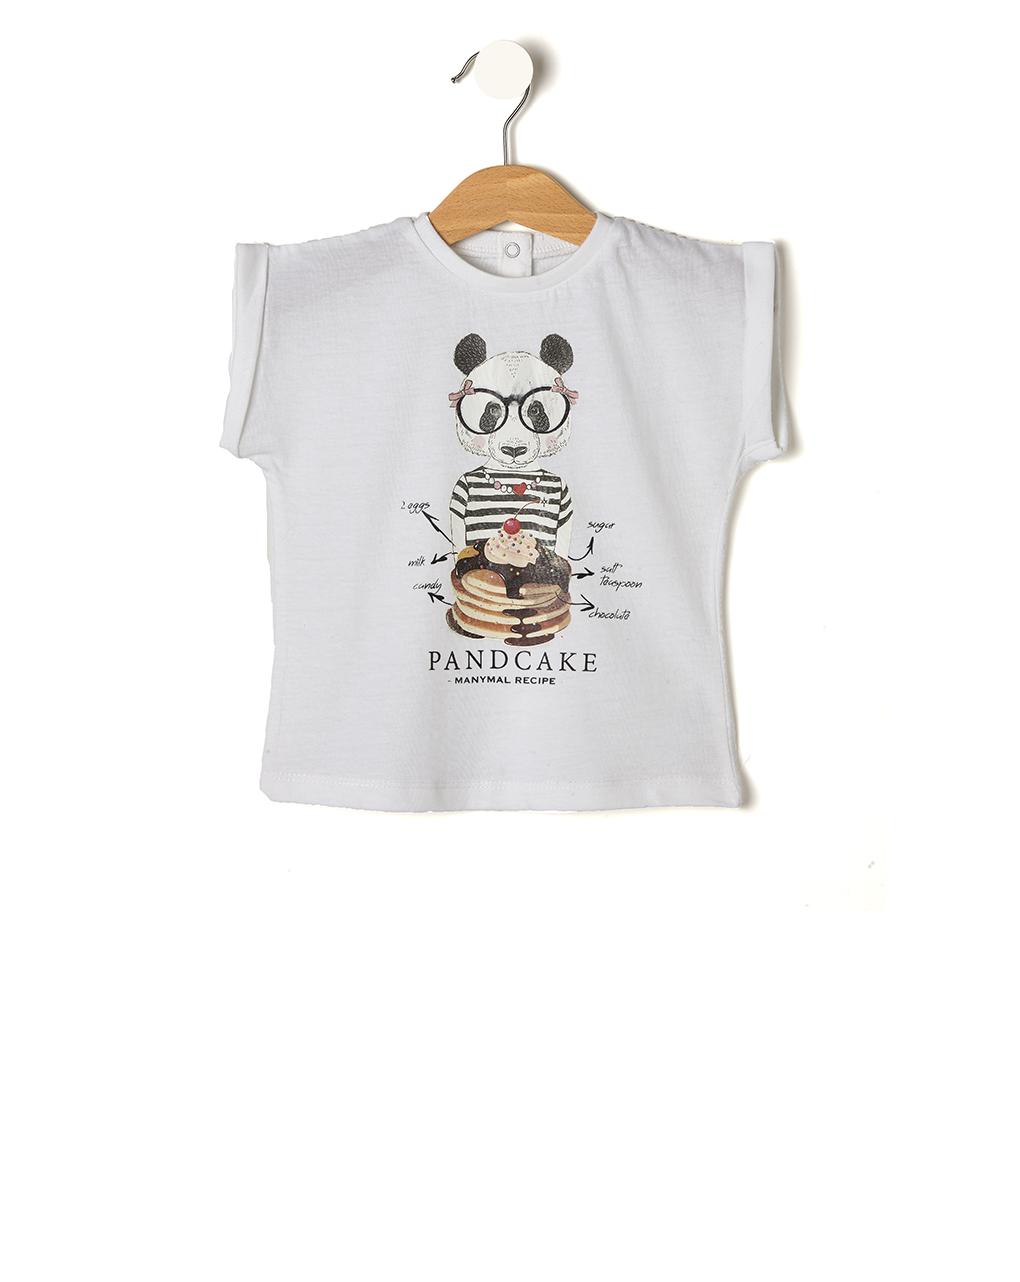 T-shirt Λευκό Manymal - Pandcake για Κορίτσι